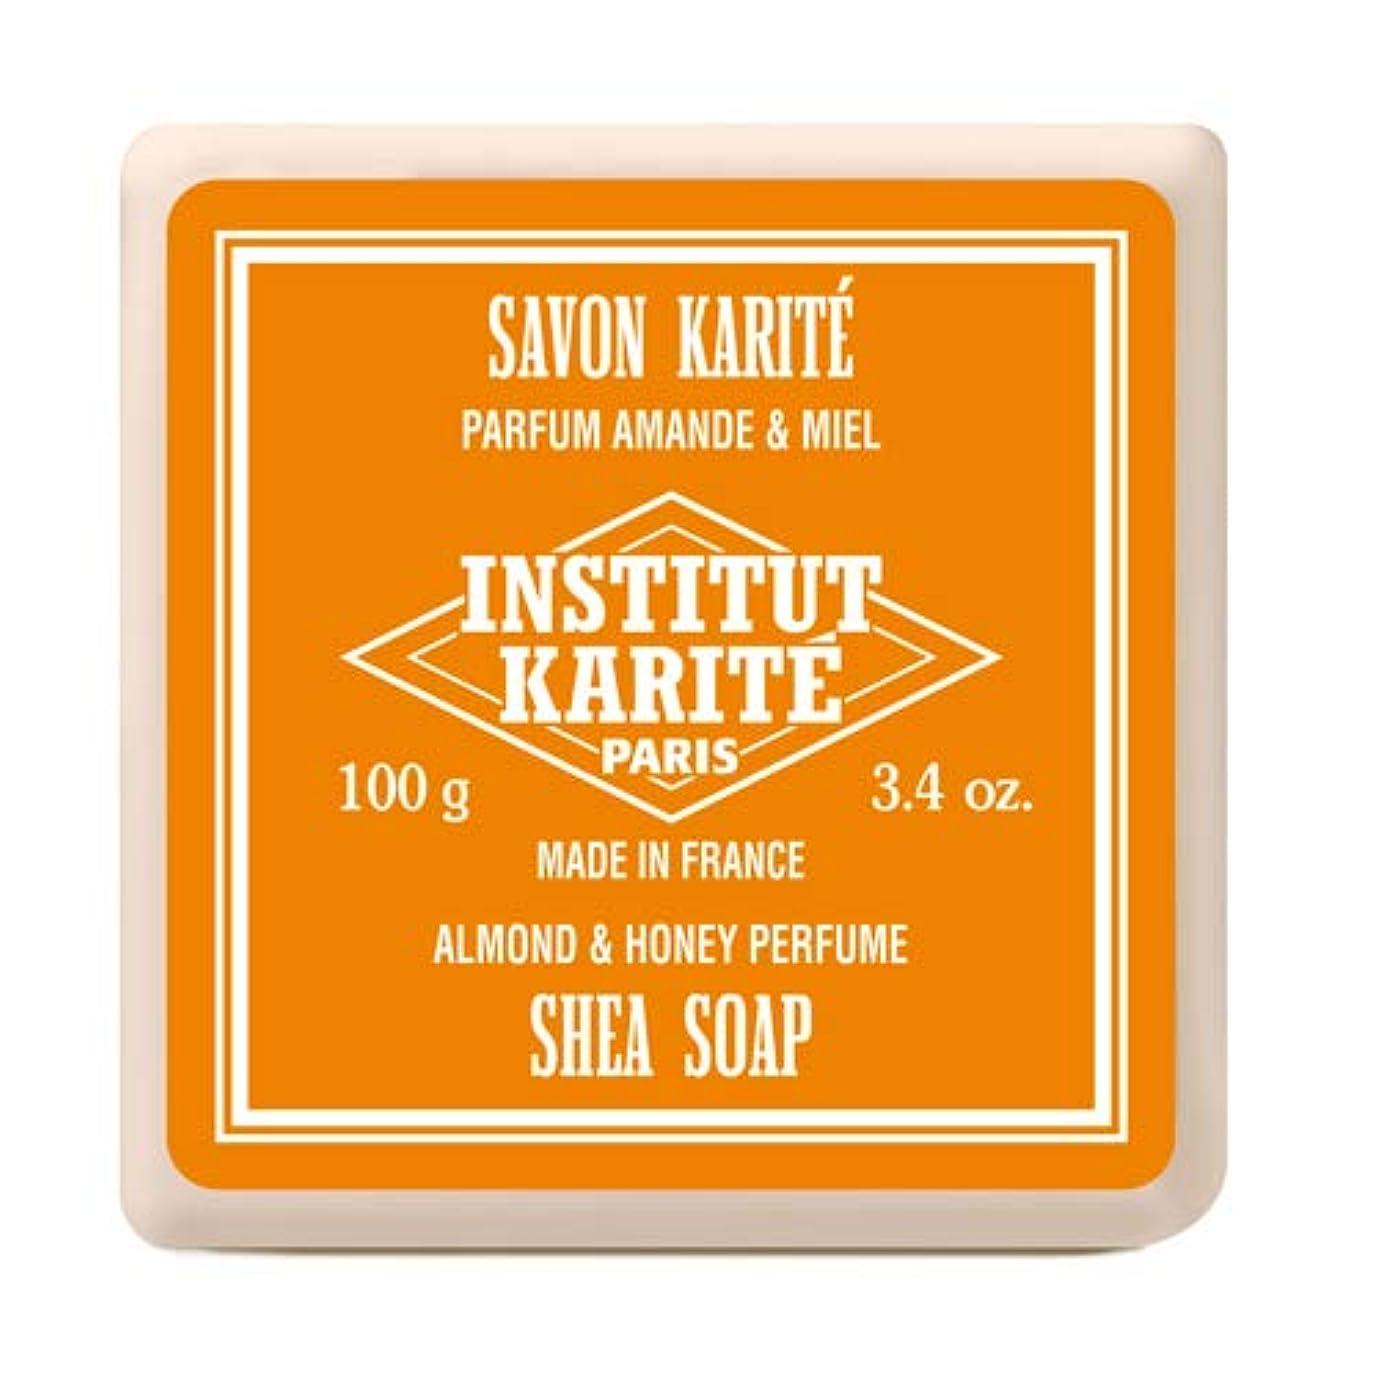 仕立て屋カテゴリー瞑想的インスティテュート?カリテ(INSTITUT KARITE) INSTITUT KARITE インスティテュート カリテ Shea Wrapped Soap シアソープ 100g Almond & Honey アーモンド...